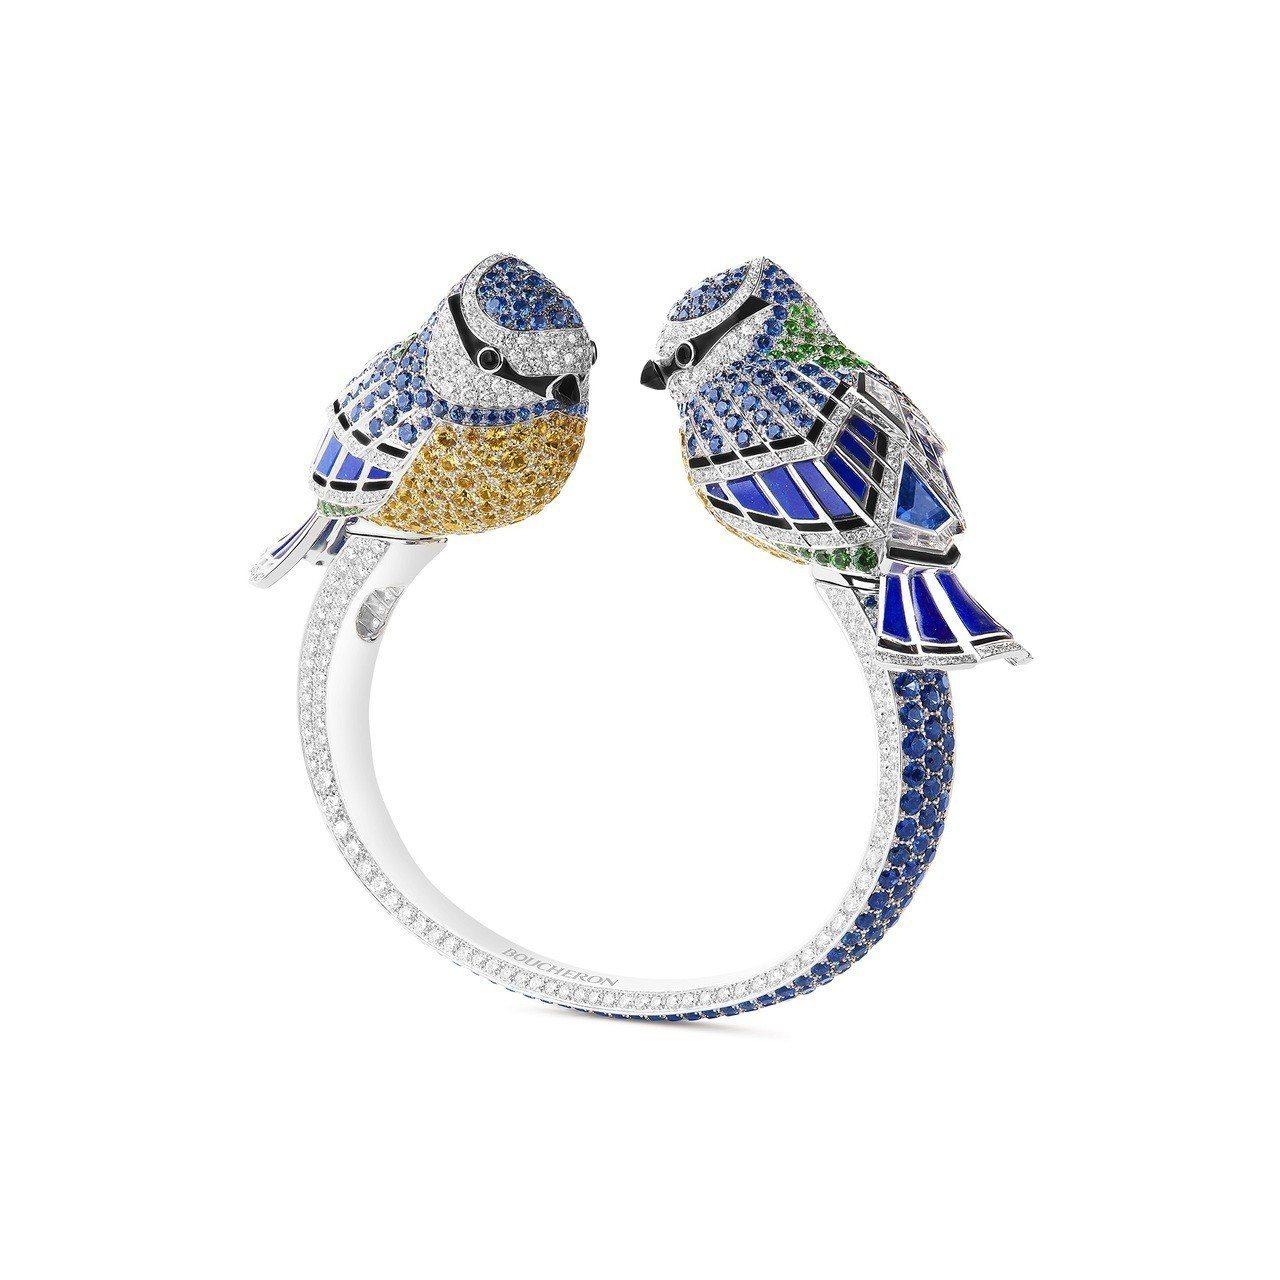 Meisa la Mésange 手鐲,白金鑲嵌青金石、黃色、綠色、藍色剛玉,...